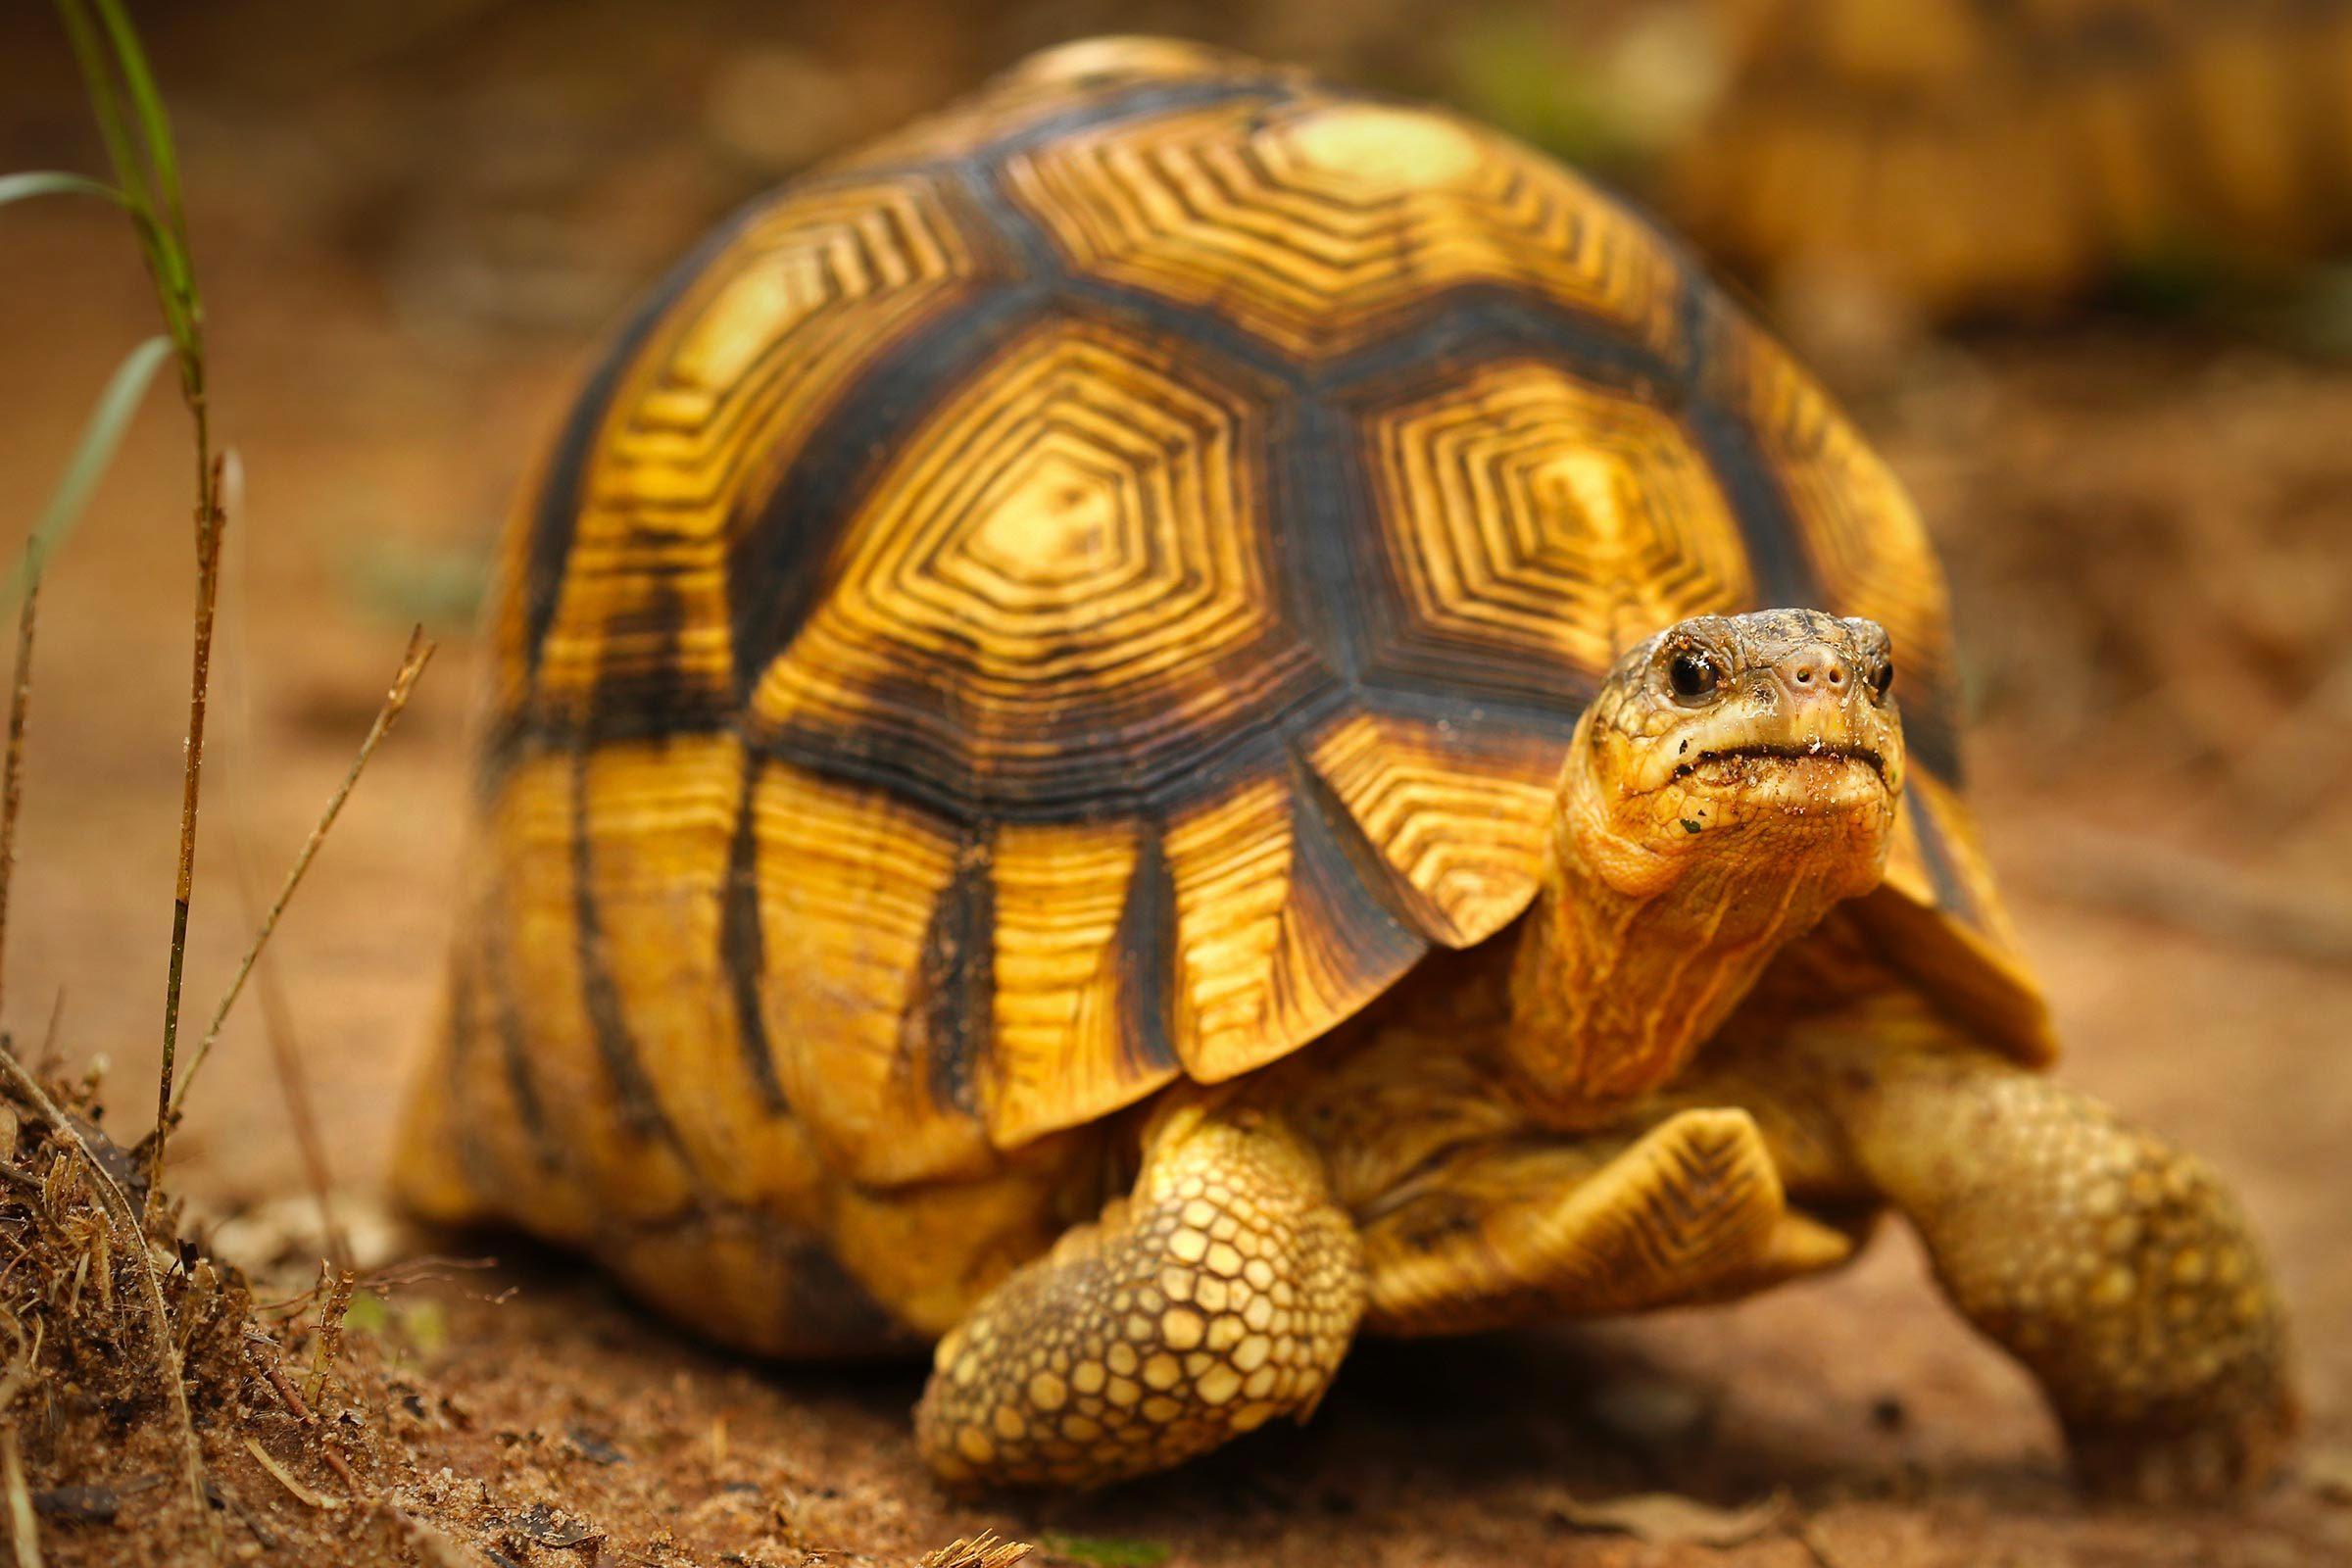 Espèces menacées : tortue à soc (Astrochelys yniphora)